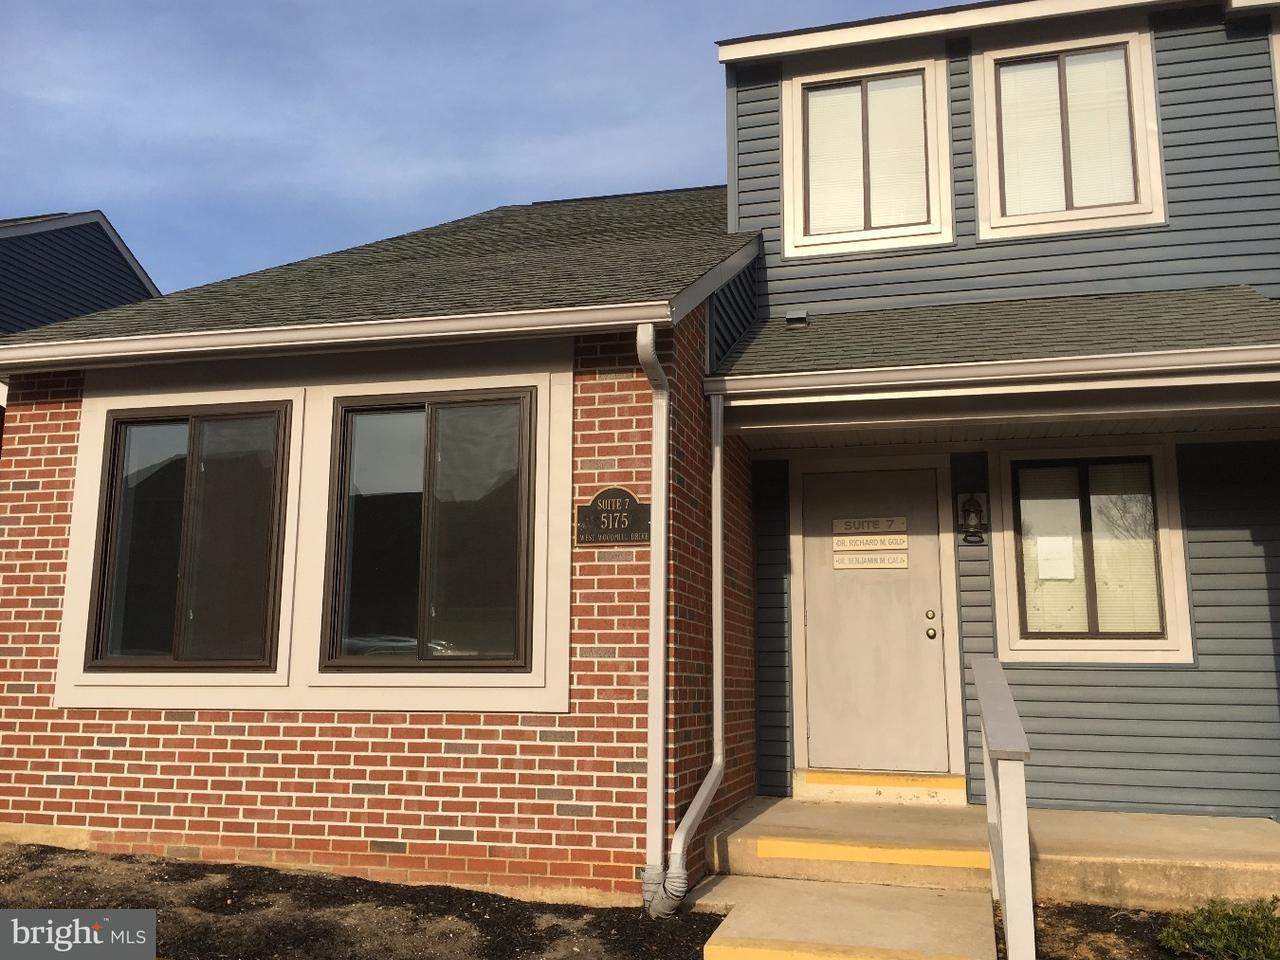 Einfamilienhaus für Verkauf beim 5175 W WOODMILL DR #7 Marshallton, Delaware 19808 Vereinigte Staaten